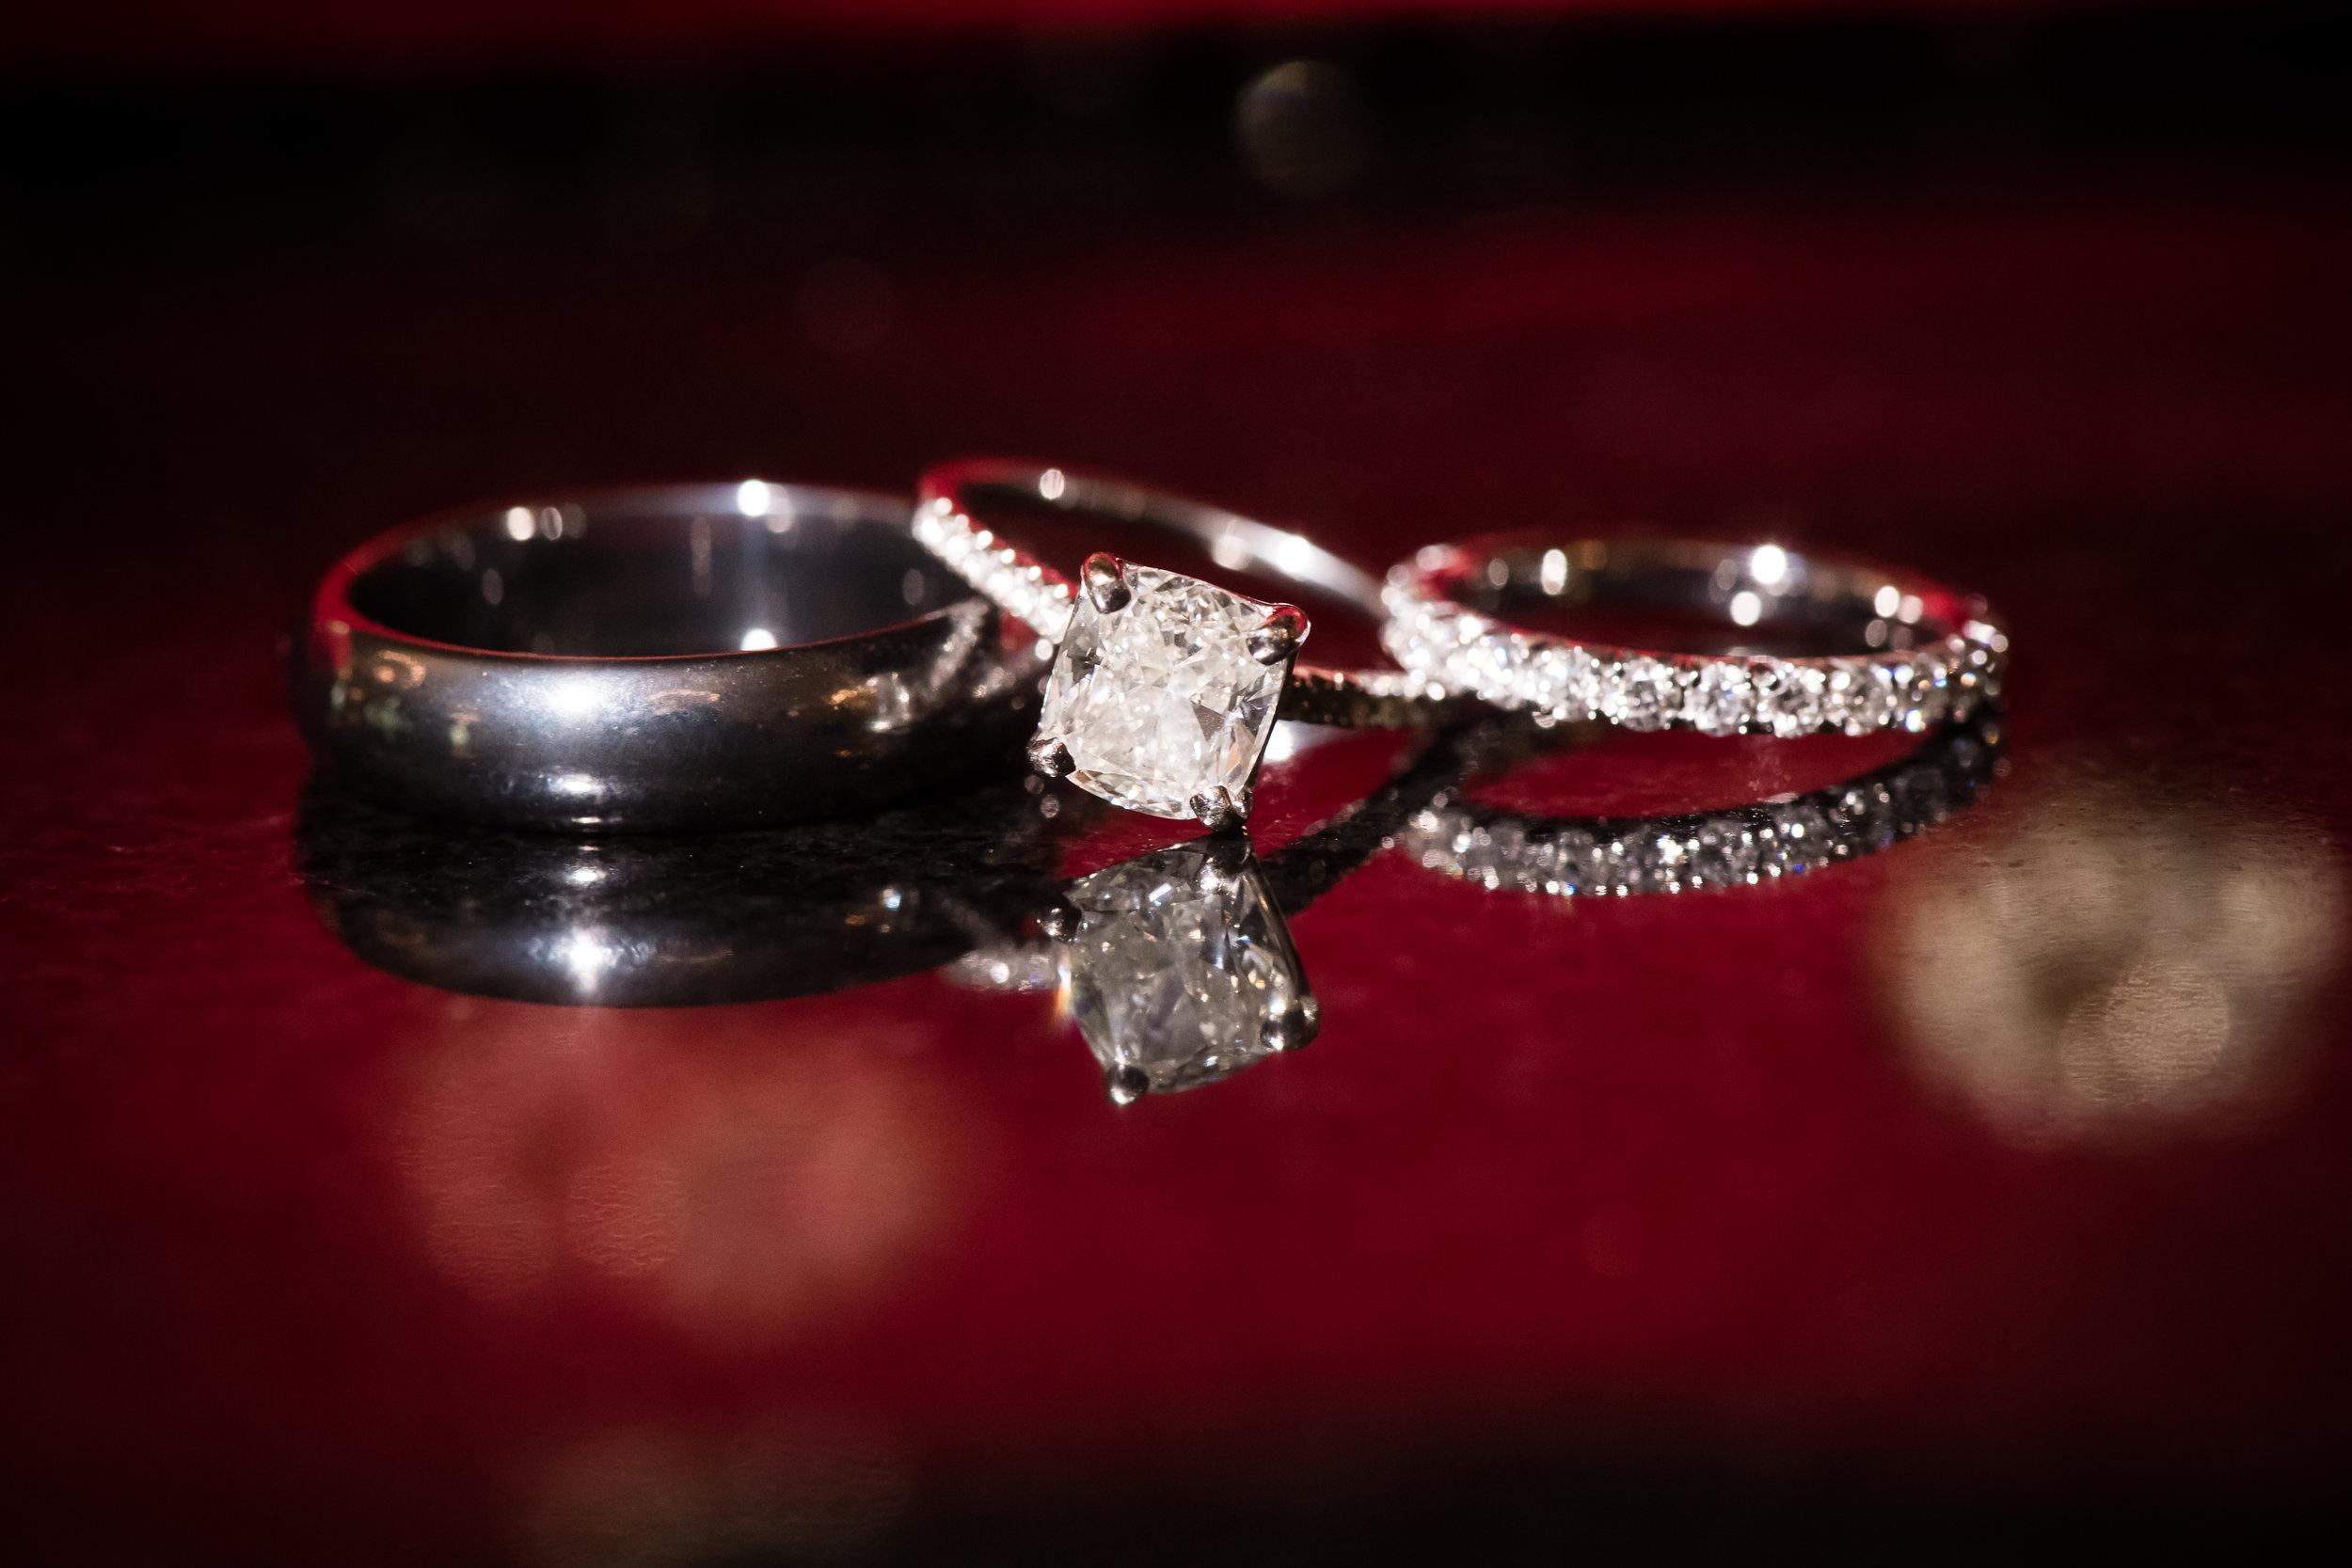 INDIAN WEDDING BRIDE AND GROOM RINGS.jpg